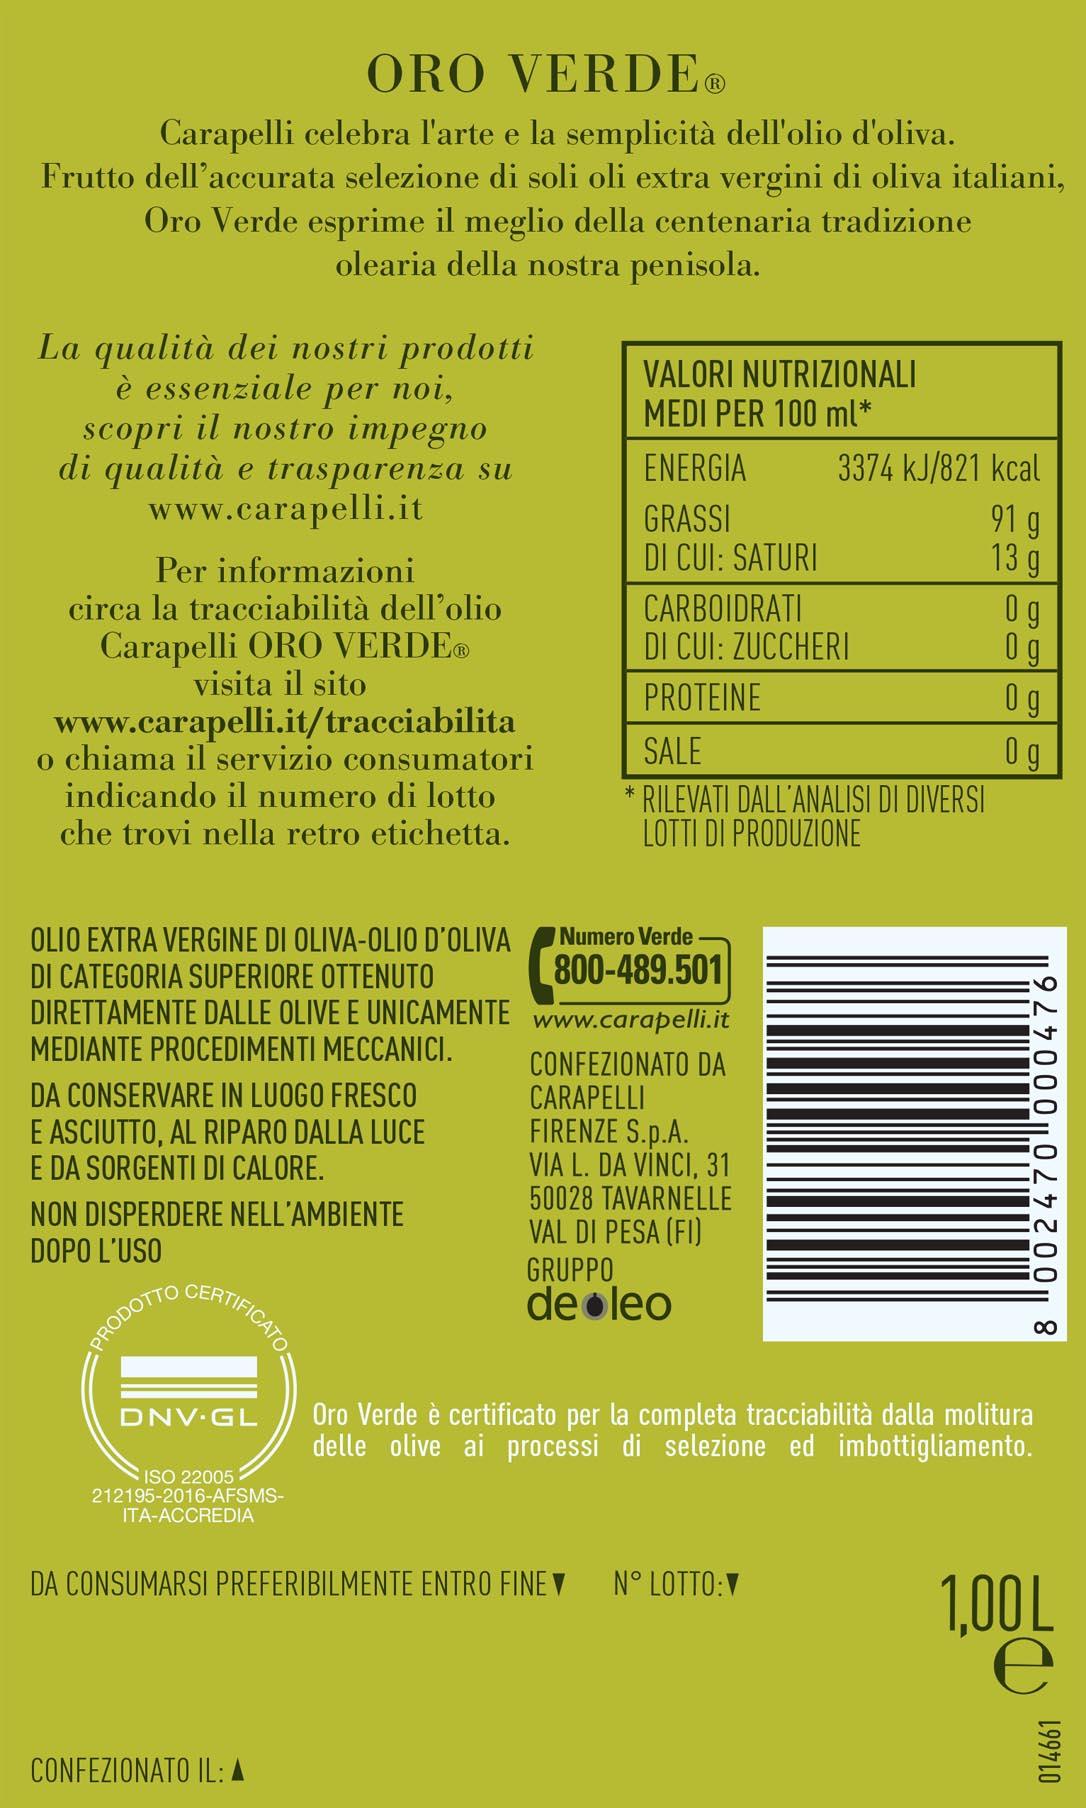 Estremamente Come leggere le etichette dell'Olio Extravergine di Oliva  XV53